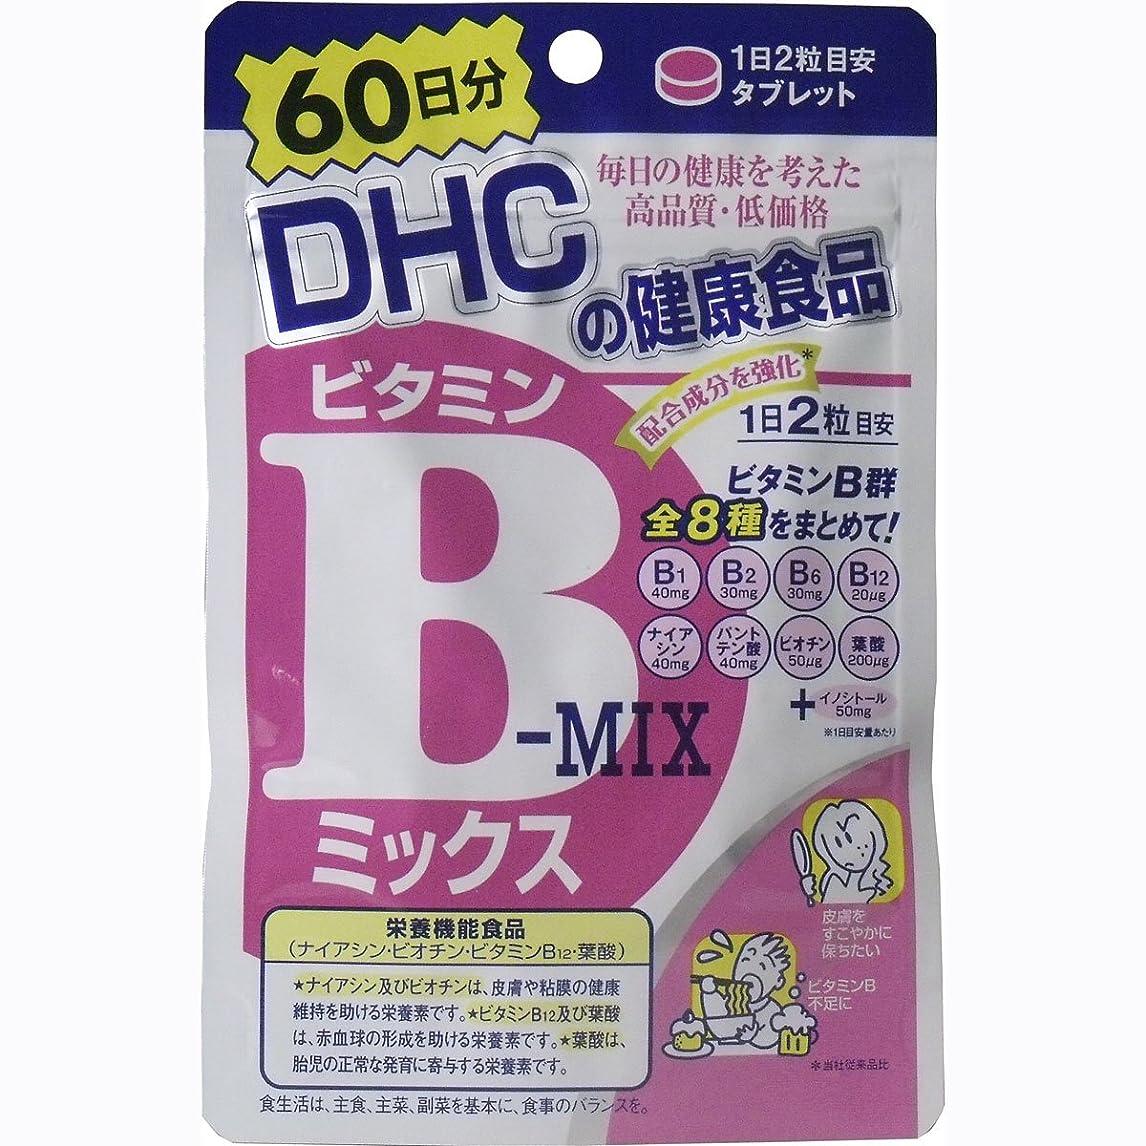 海ゴシップシーケンス【???便】DHC ビタミンBミックス 60日分(120粒)×4個セット